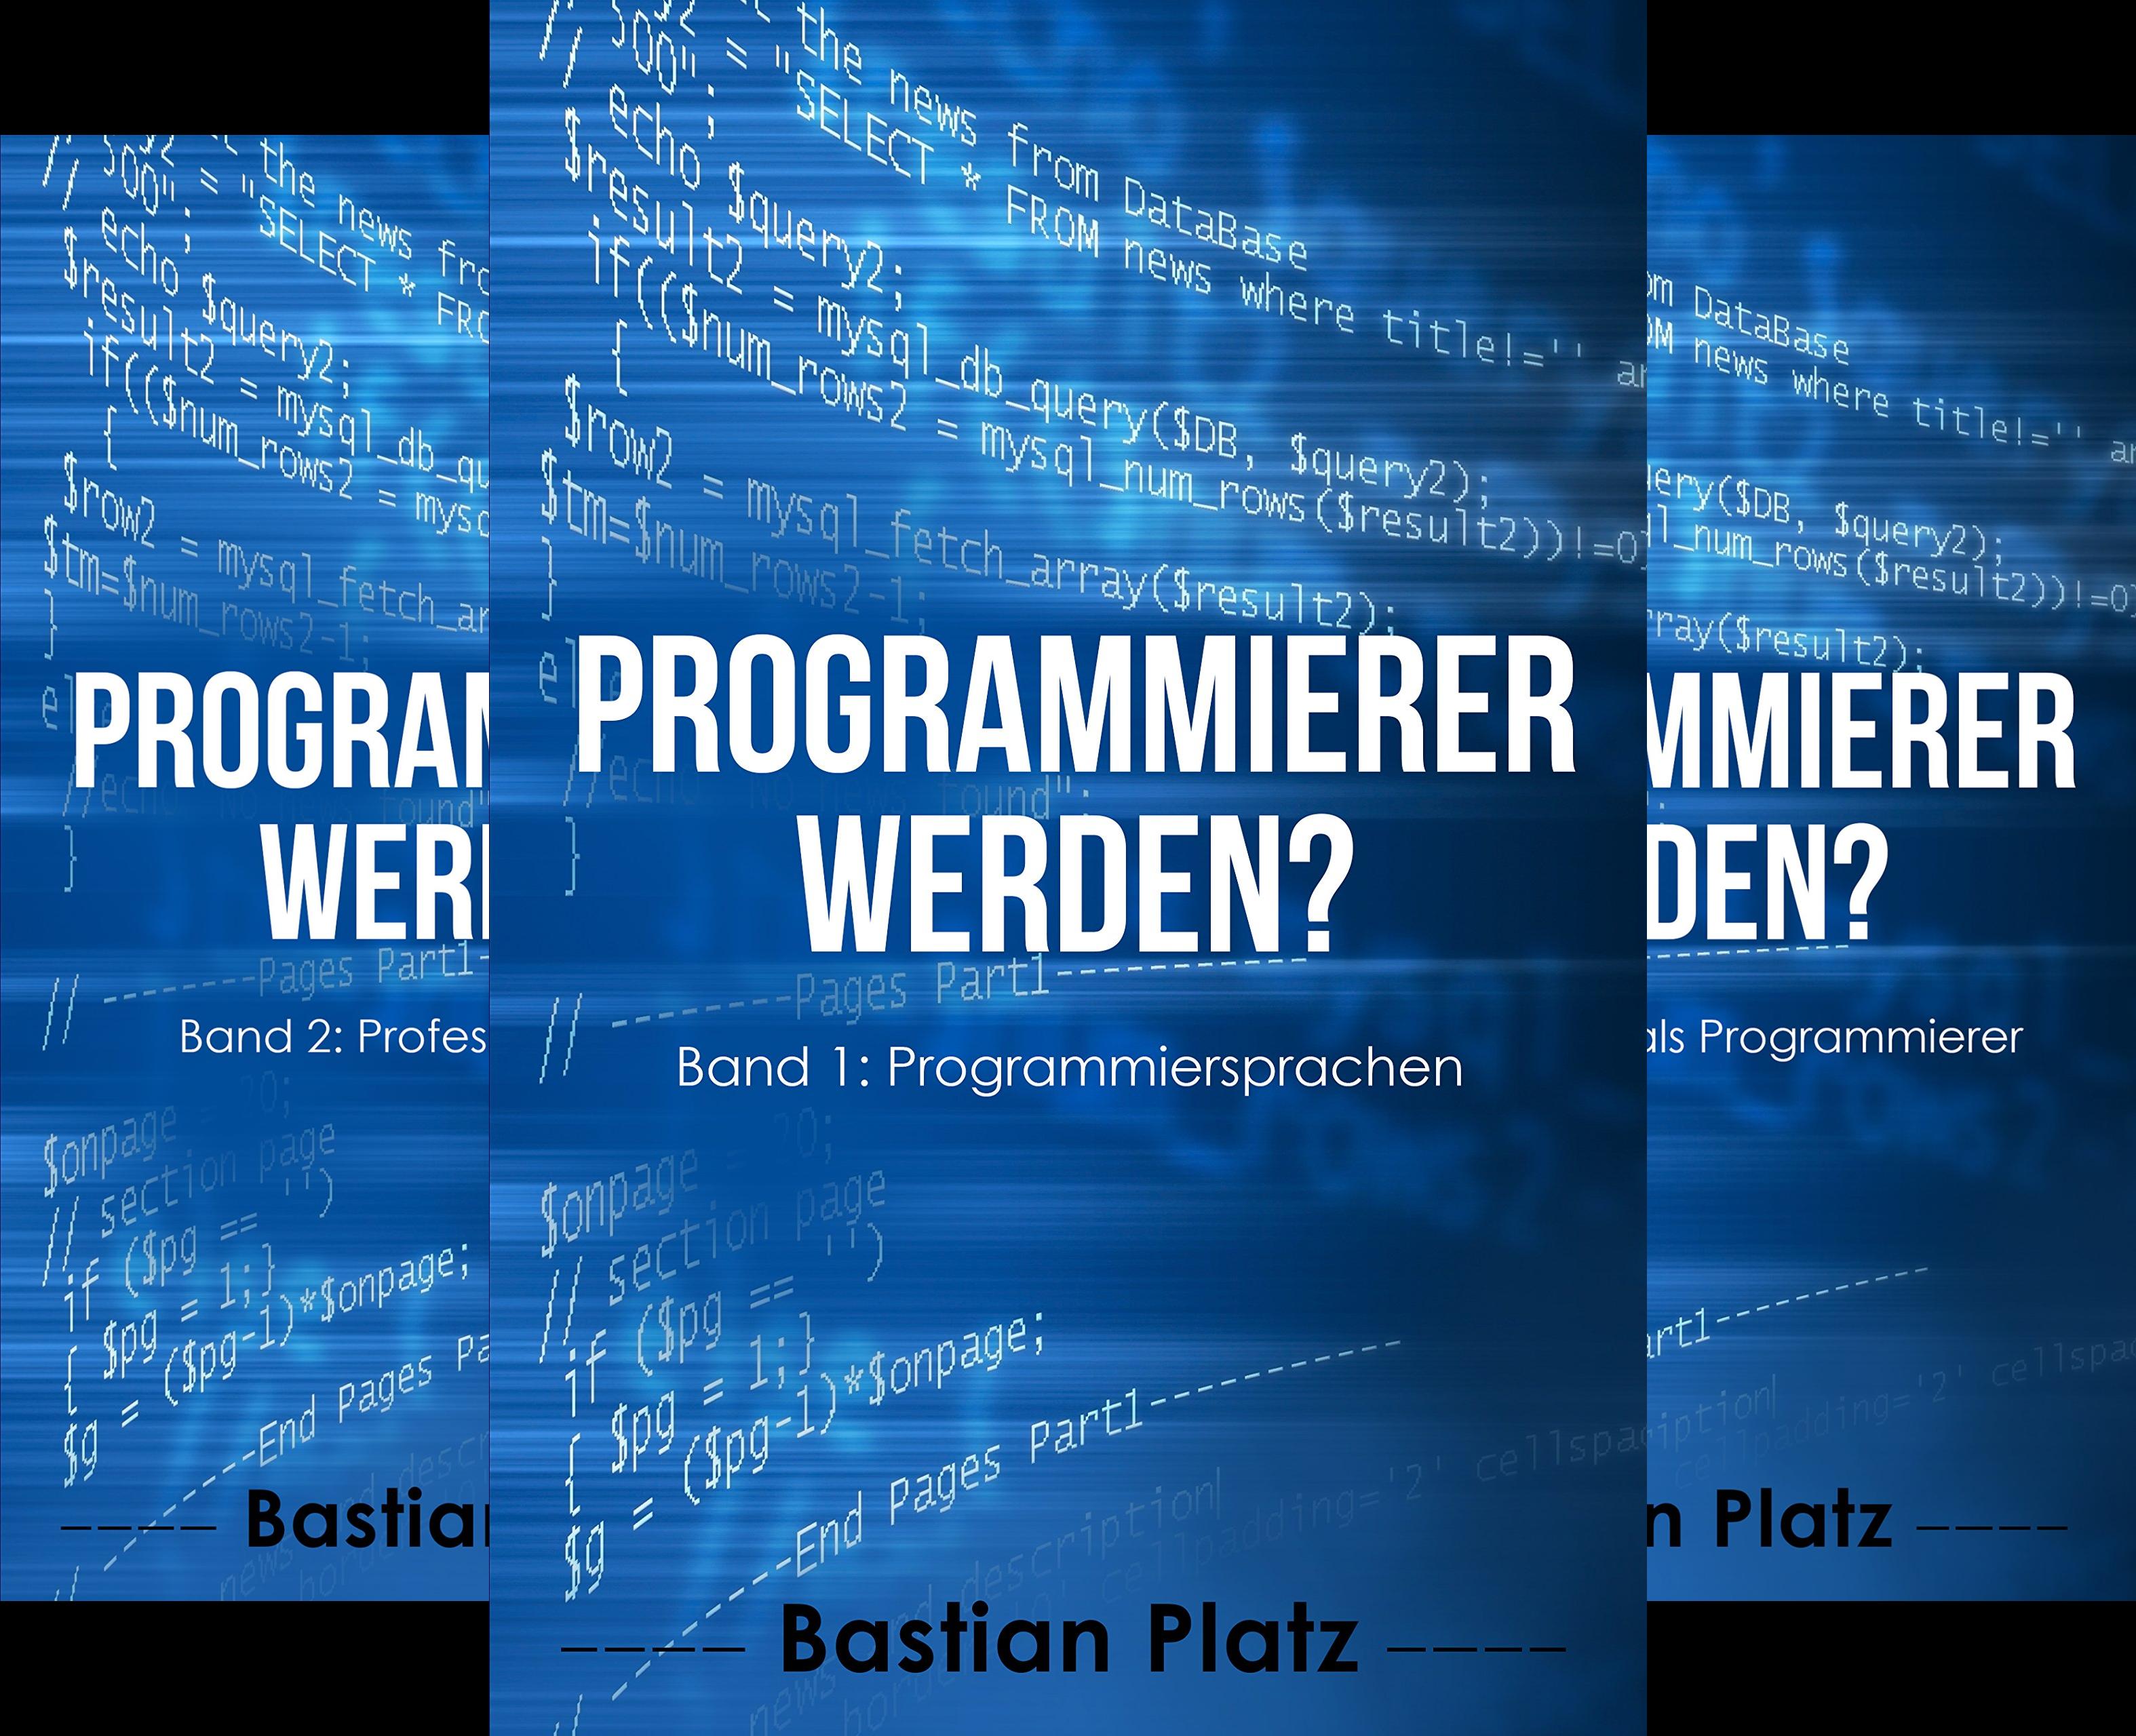 Programmierer werden? (Reihe in 4 Bänden)